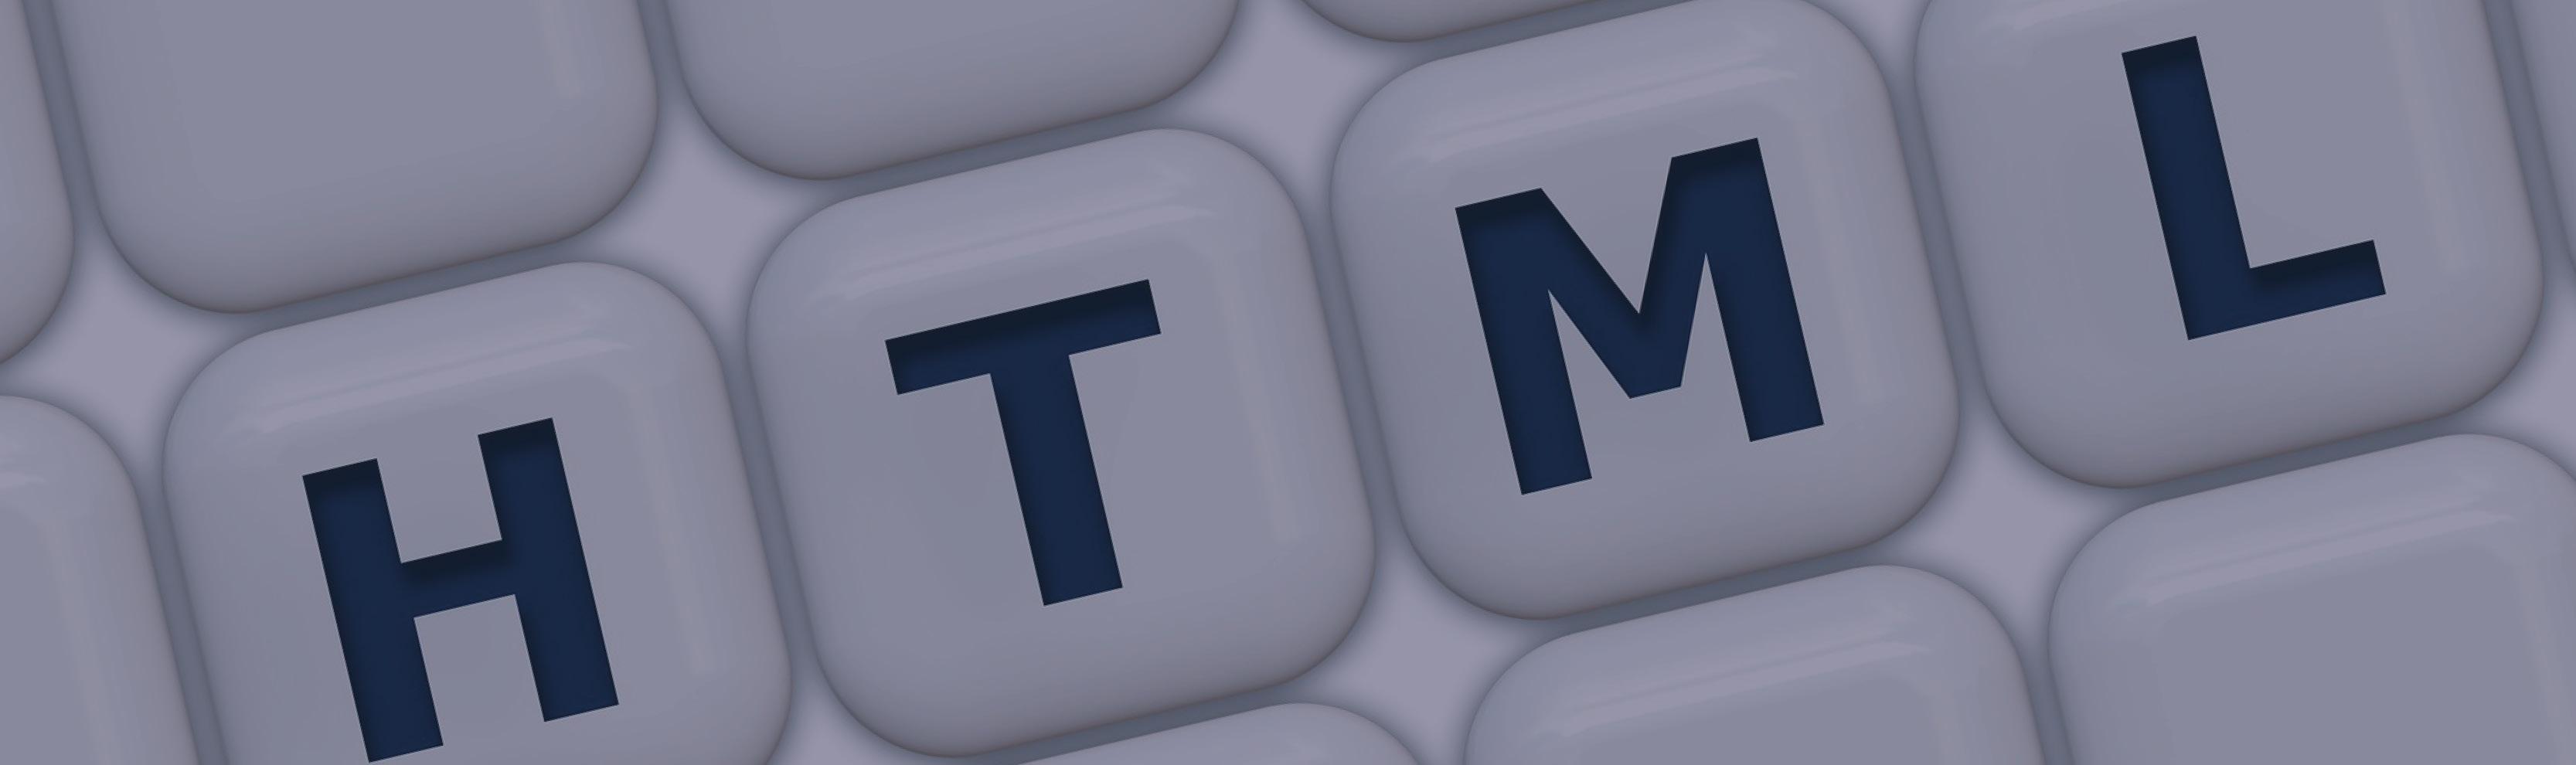 Traducción de páginas web en HTML I: la estructura de carpetas